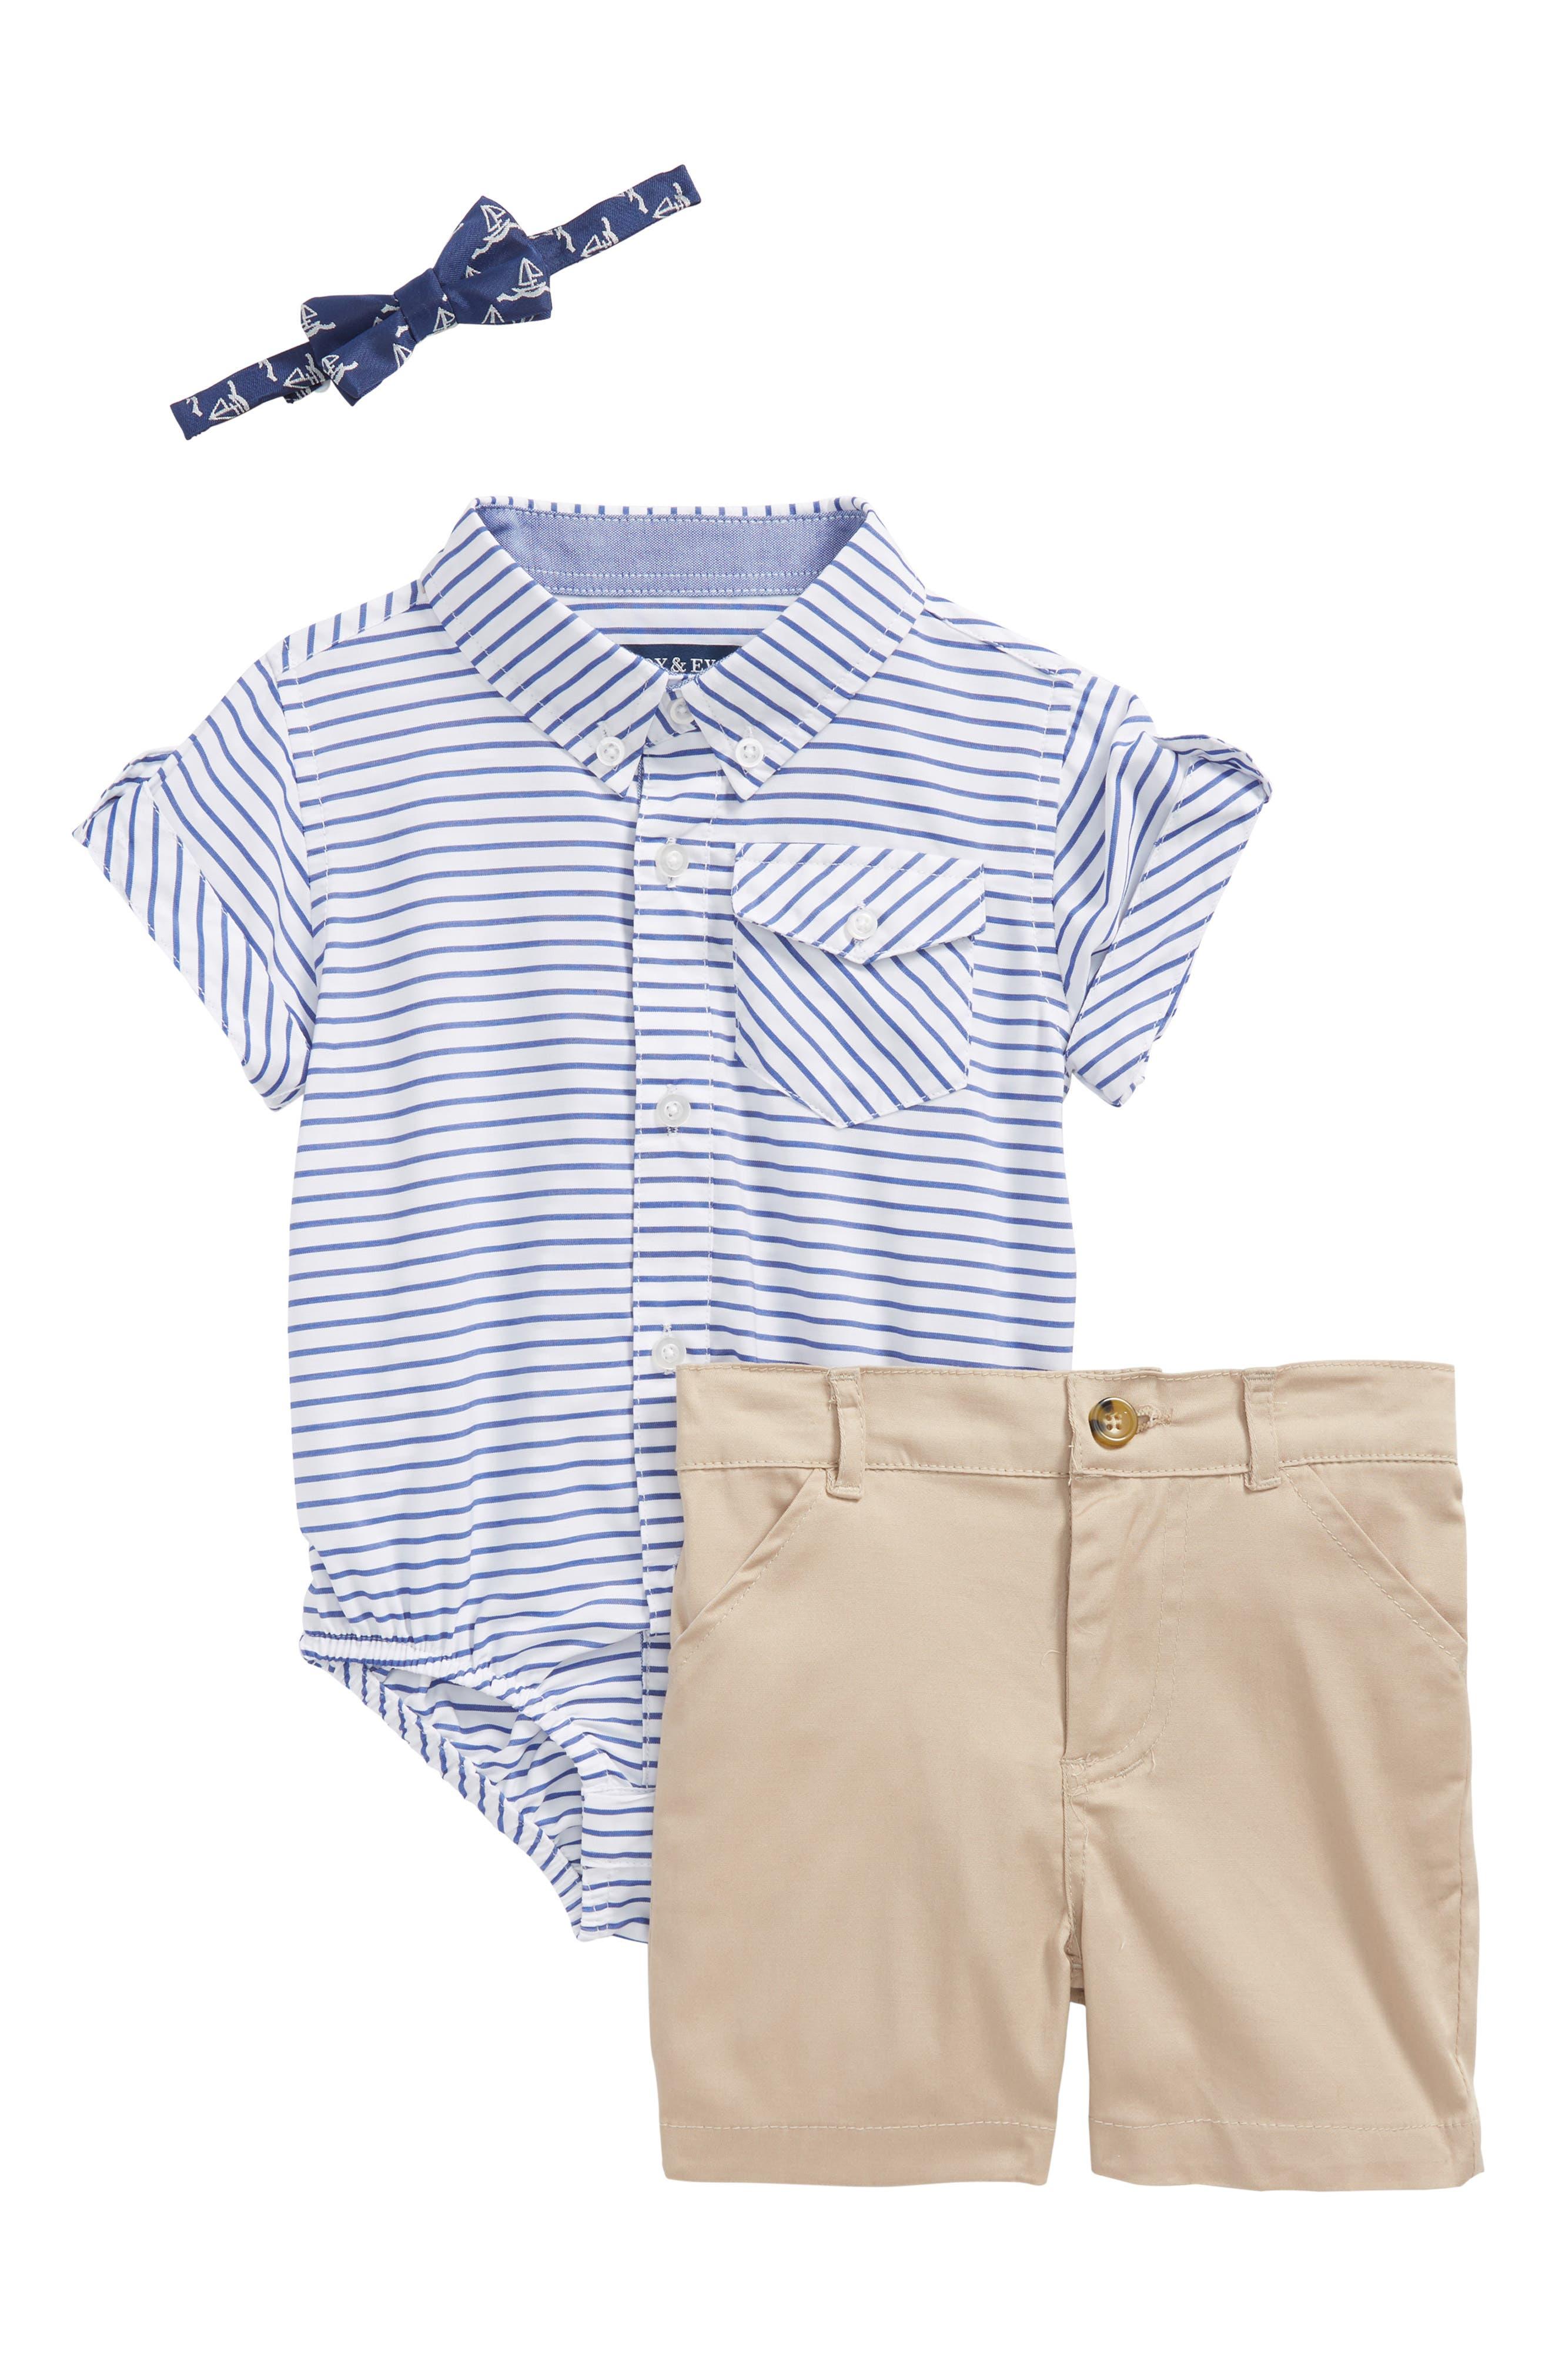 Shirtzie, Bow Tie & Shorts Set,                         Main,                         color,